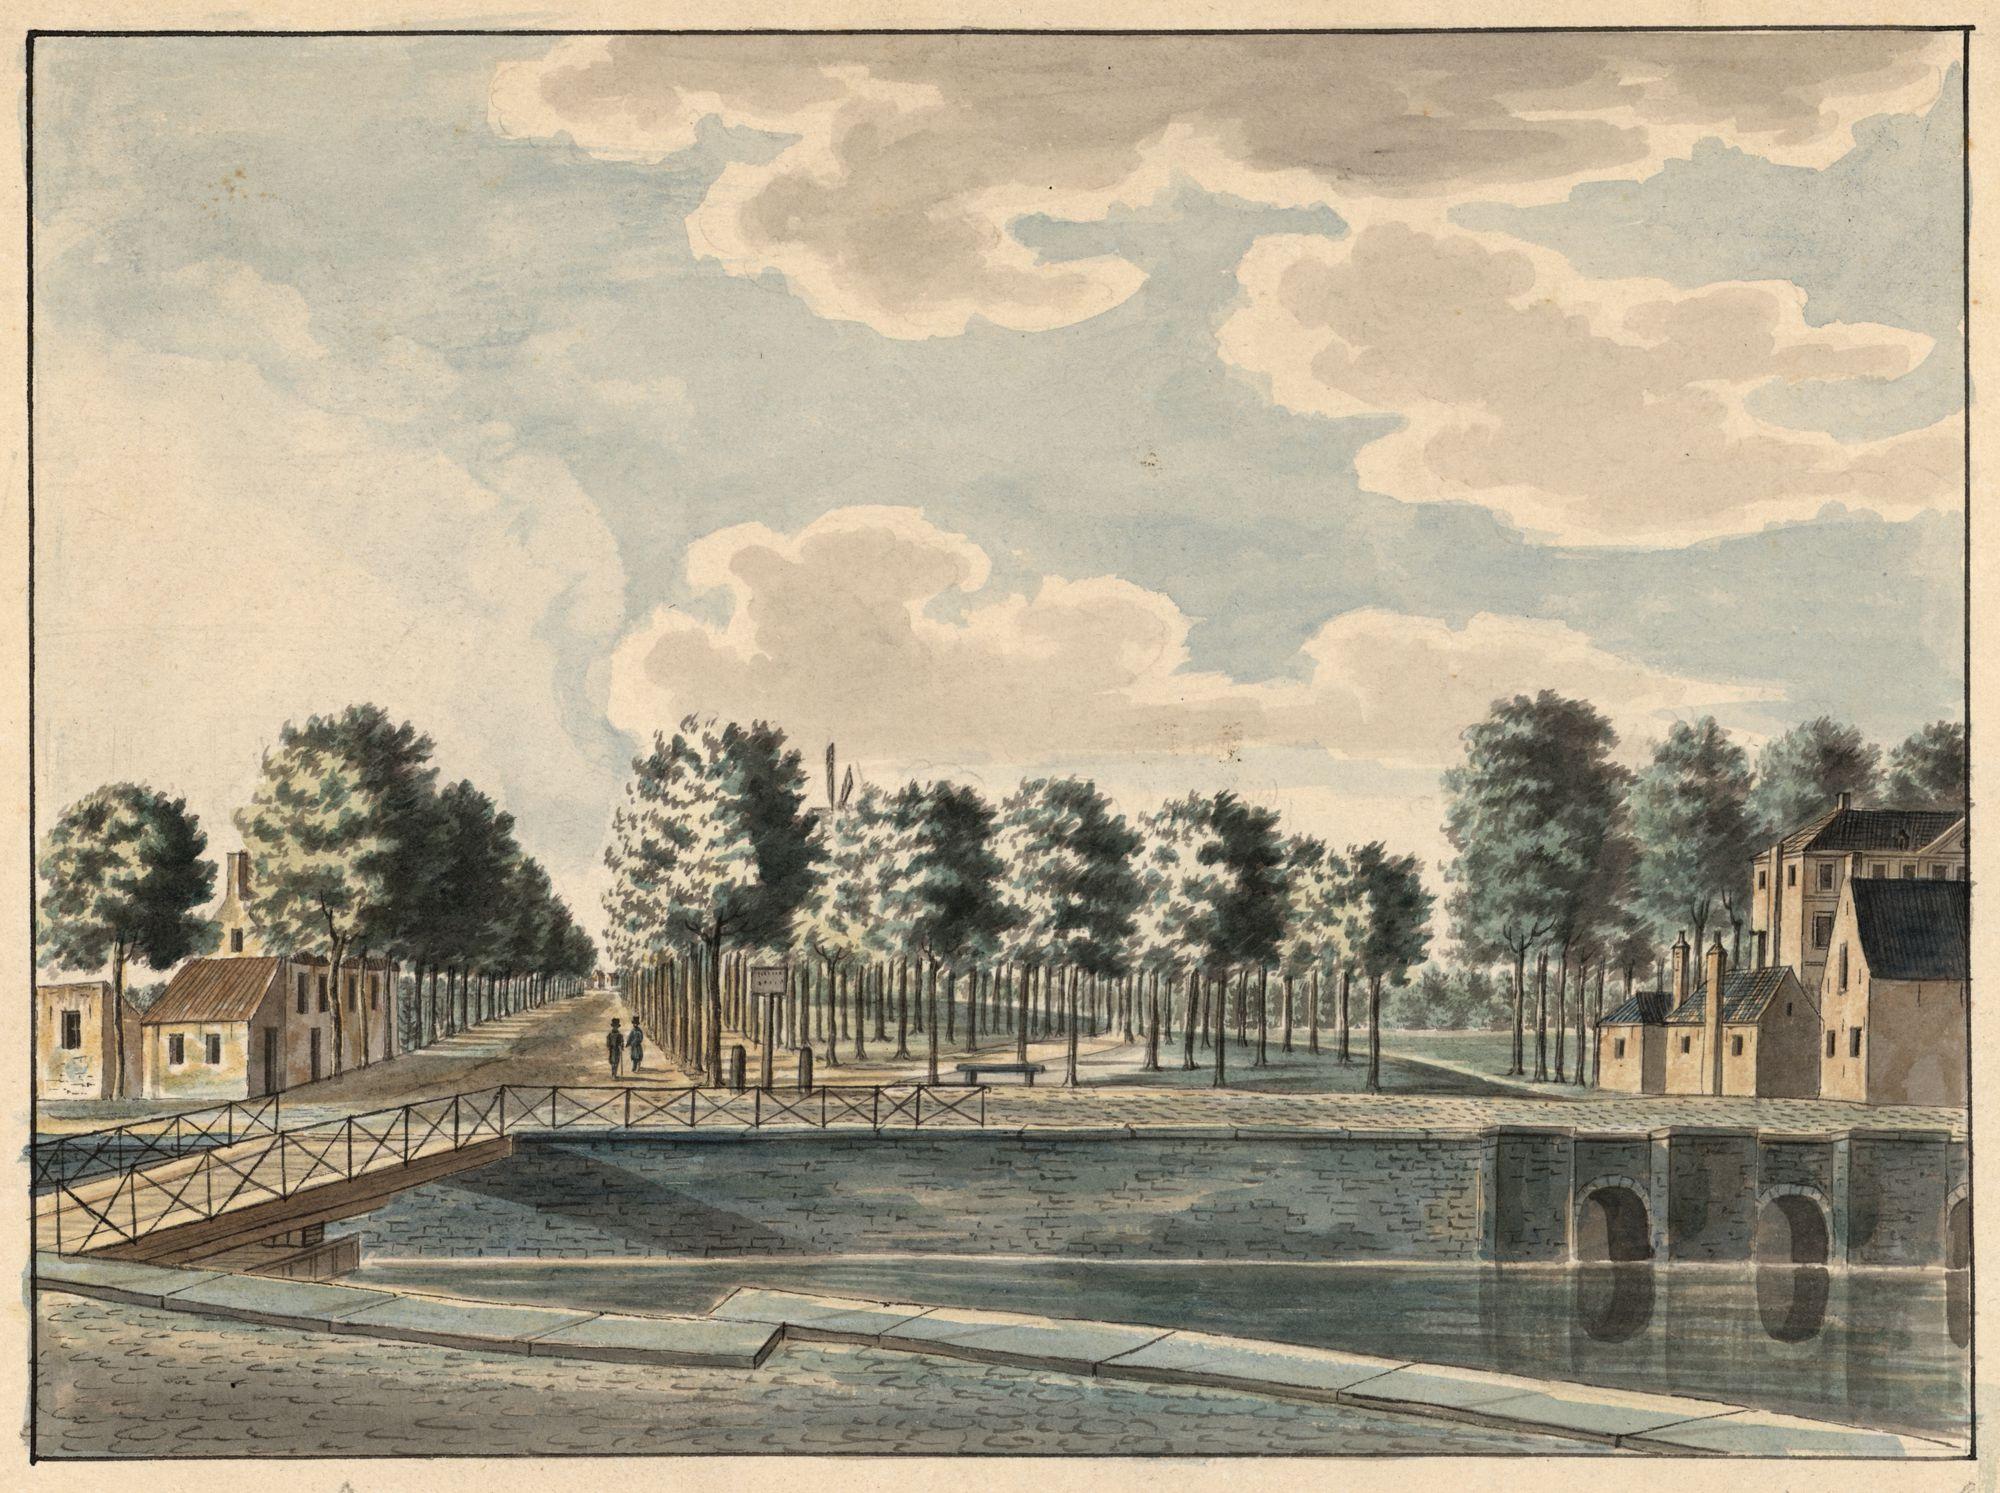 Gent: Coupure, Contributiebrug en Nieuwewandeling